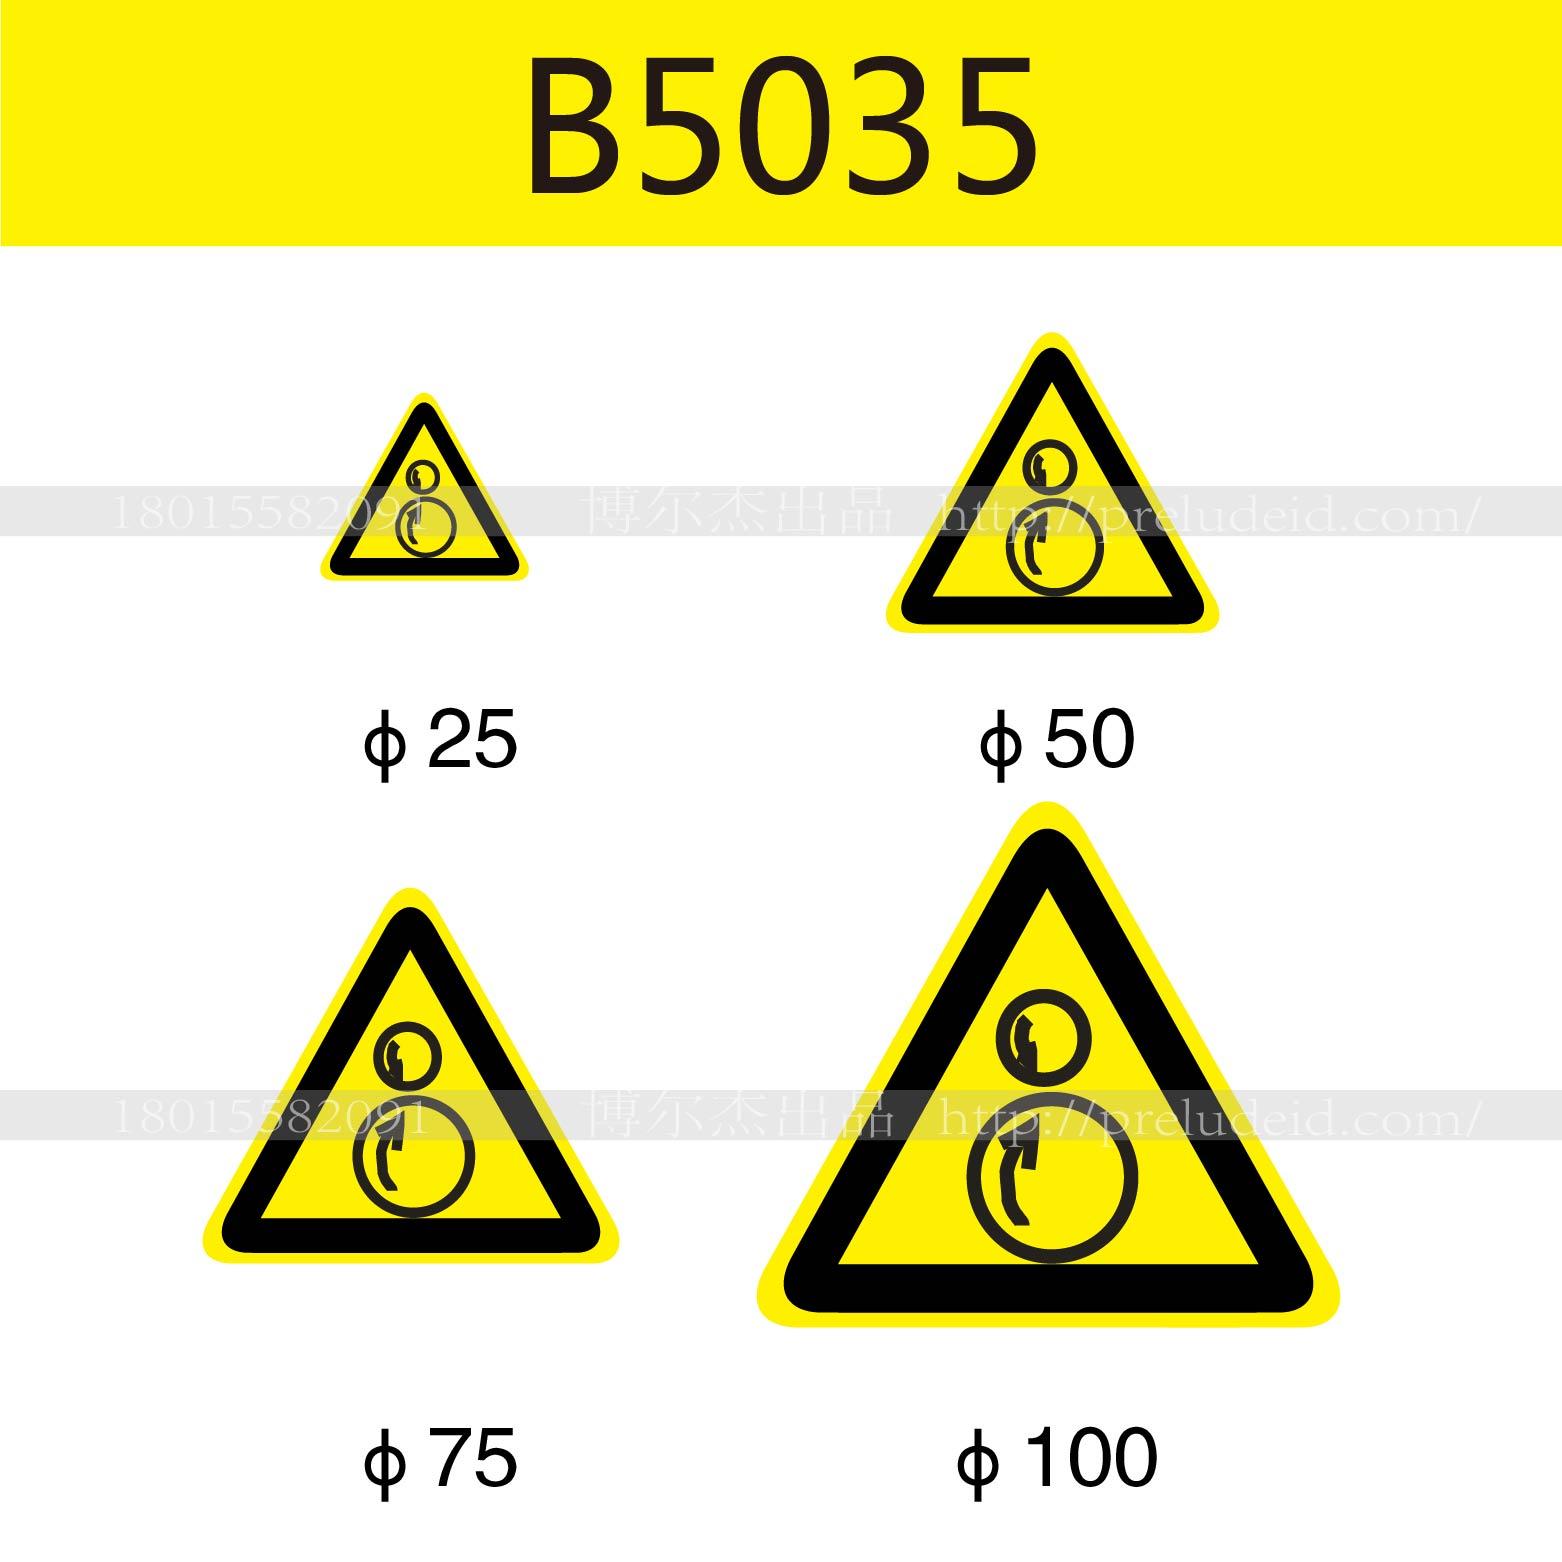 博尔杰 安全标签  安全标语牌 安全标语贴 标识厂家 丝印标签 安全标示牌 B5035